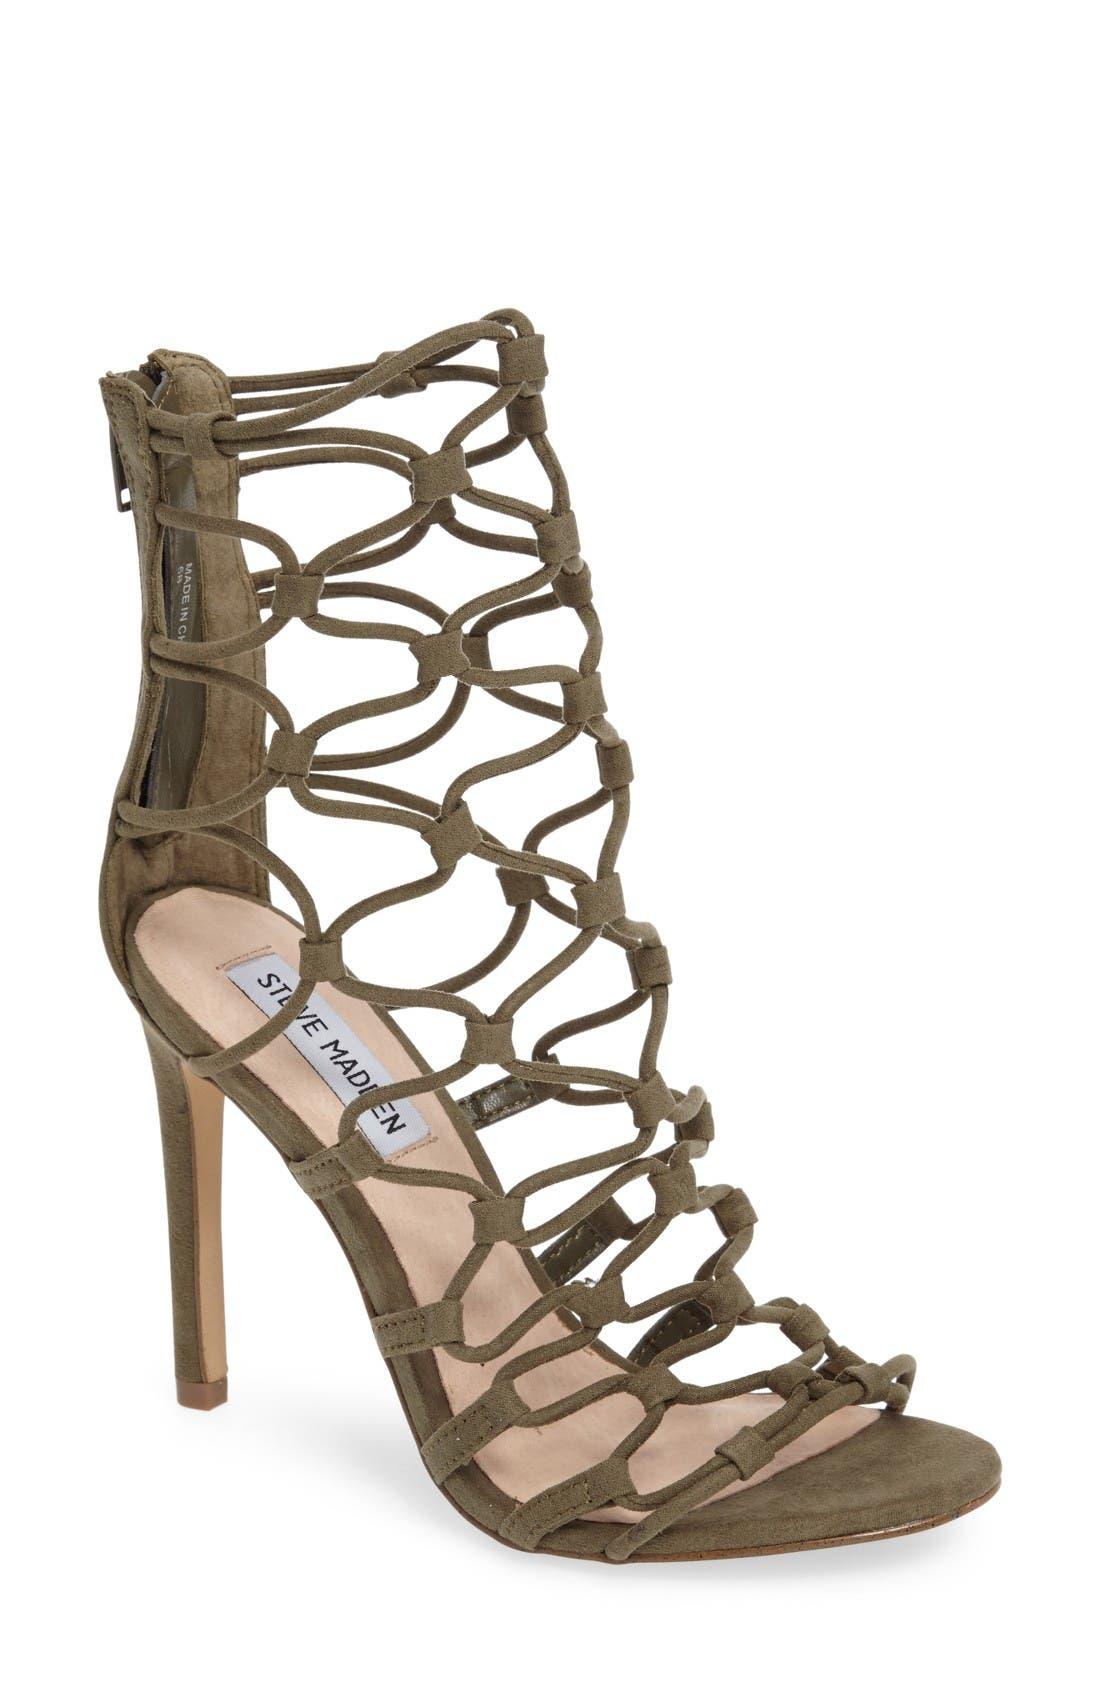 Main Image - Steve Madden Mayfair Latticework Tall Sandal (Women)